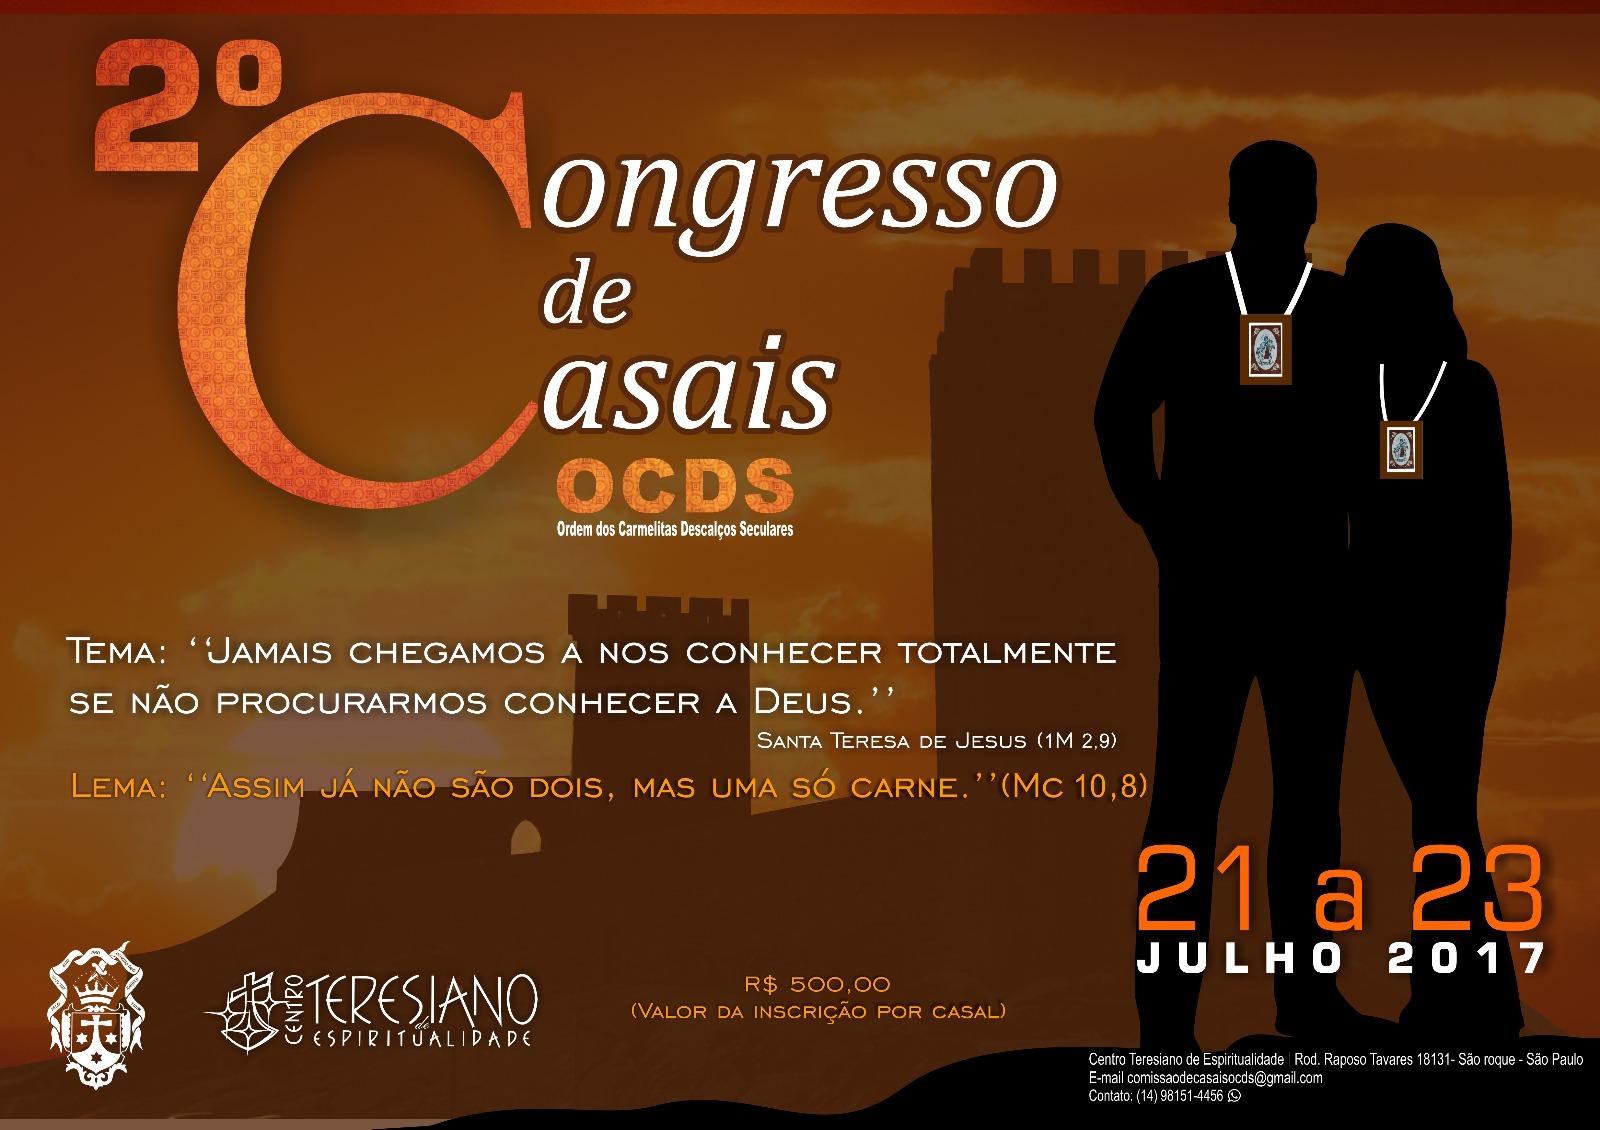 2º Congresso de Casais OCDS - 2017